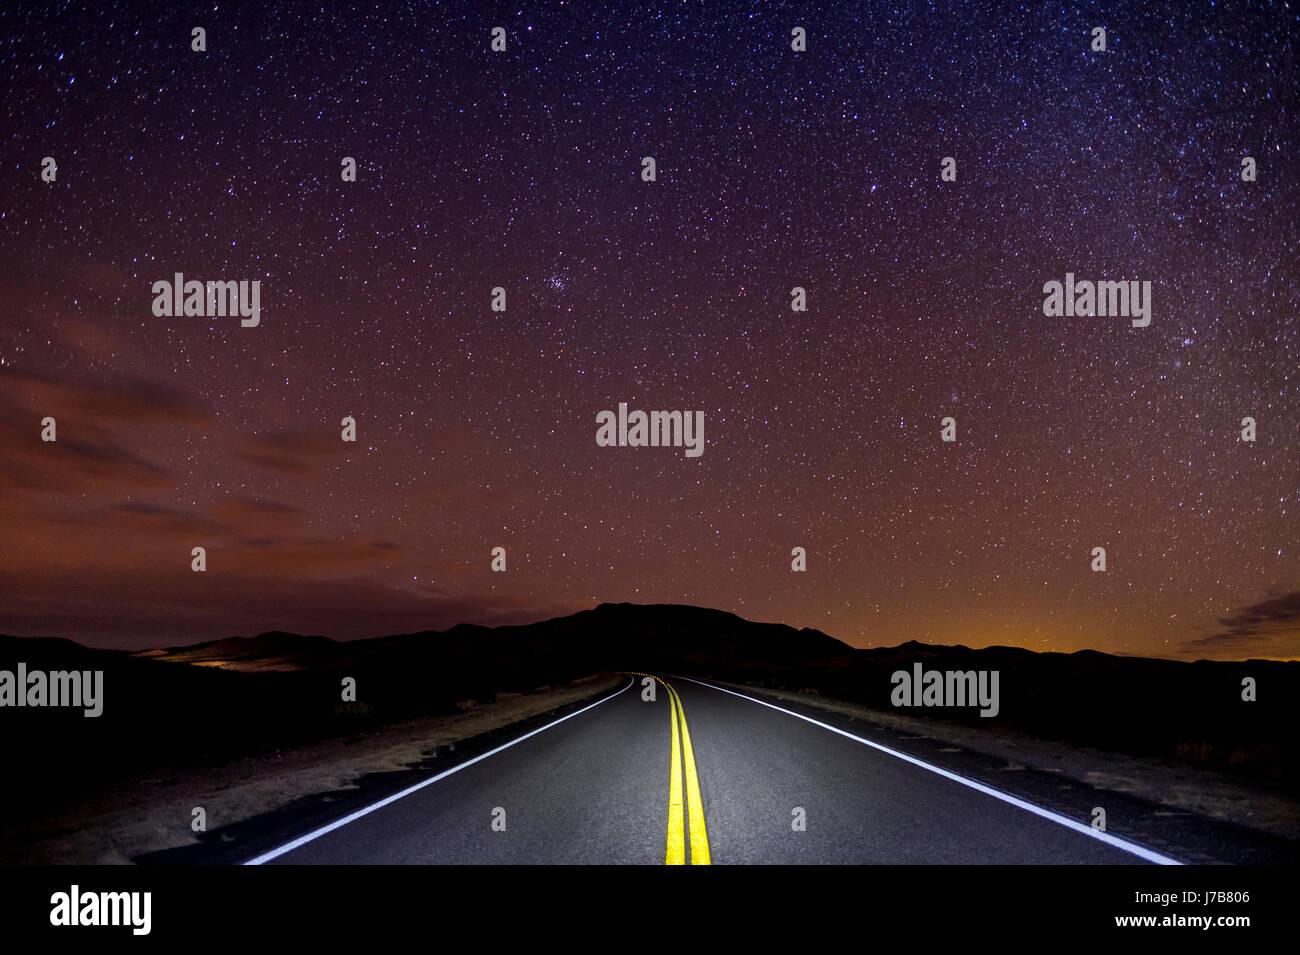 Desert Highway At Night With Stars, Arizona, USA - Stock Image